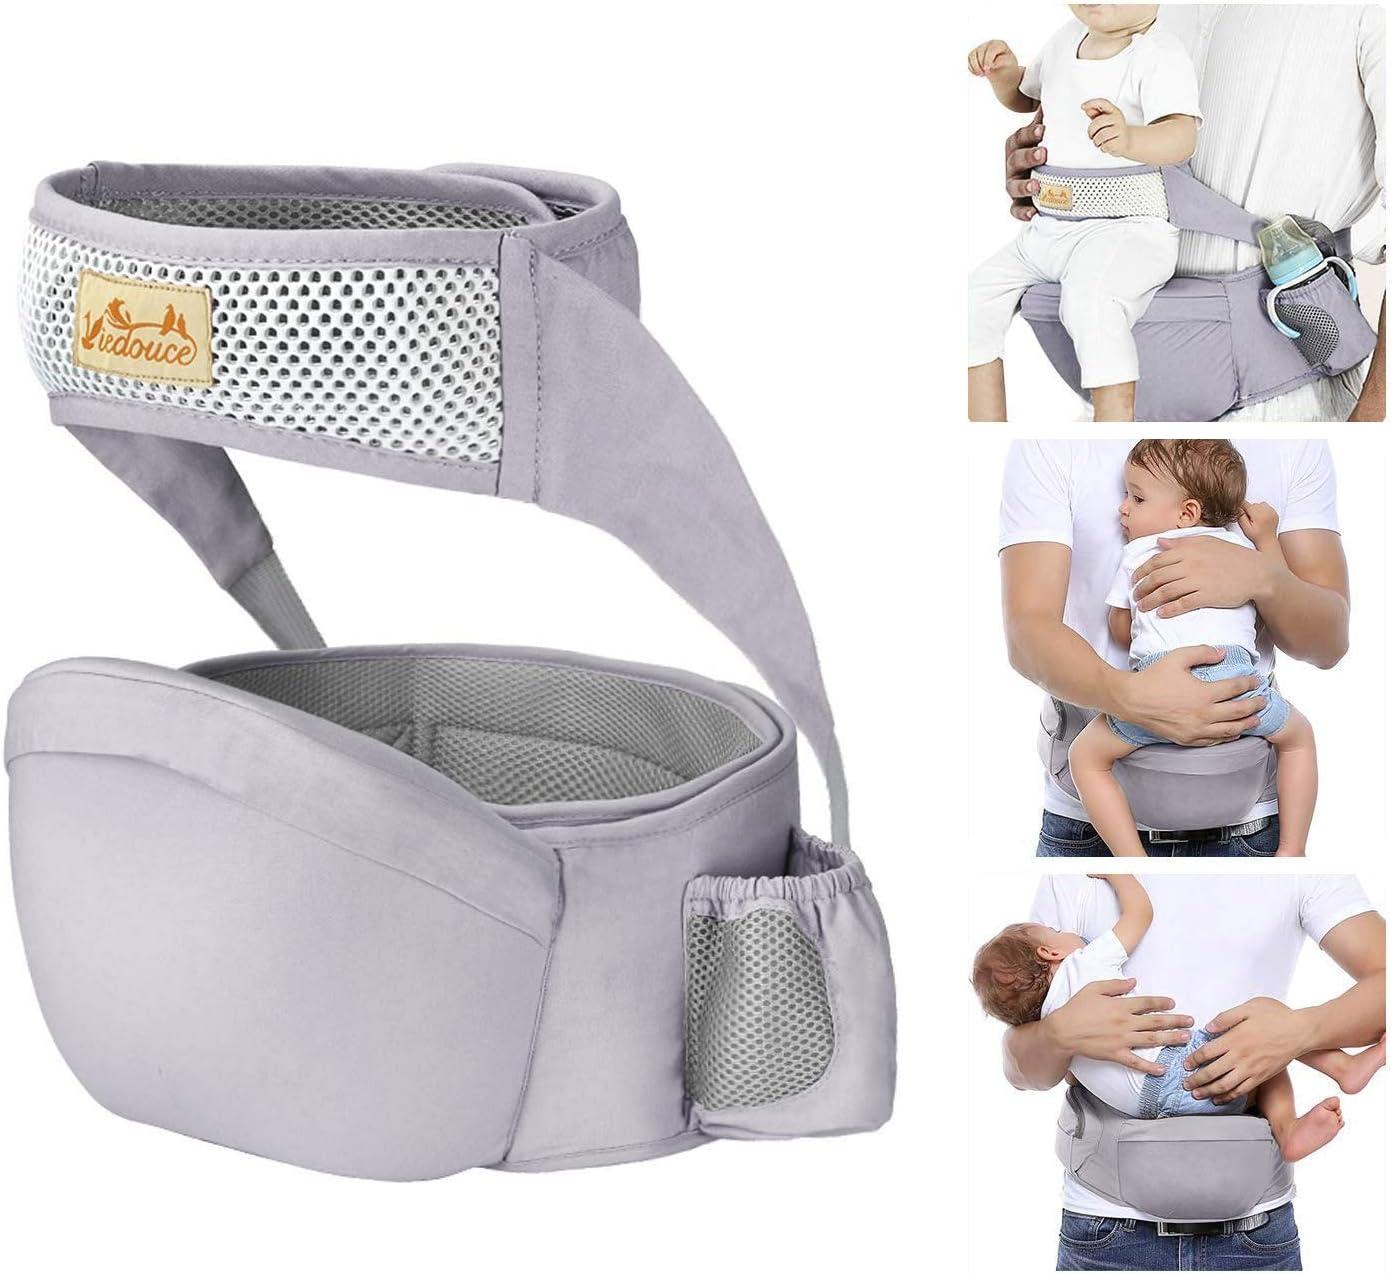 Viedouce Portabebé Ergonómico Asiento de Cadera,con Protección del Cinturón la Seguridad,Algodón Puro Ligero,Taburete de Cintura de Posición Múltiple por Bebé Niños 6-36 Meses(Gris)